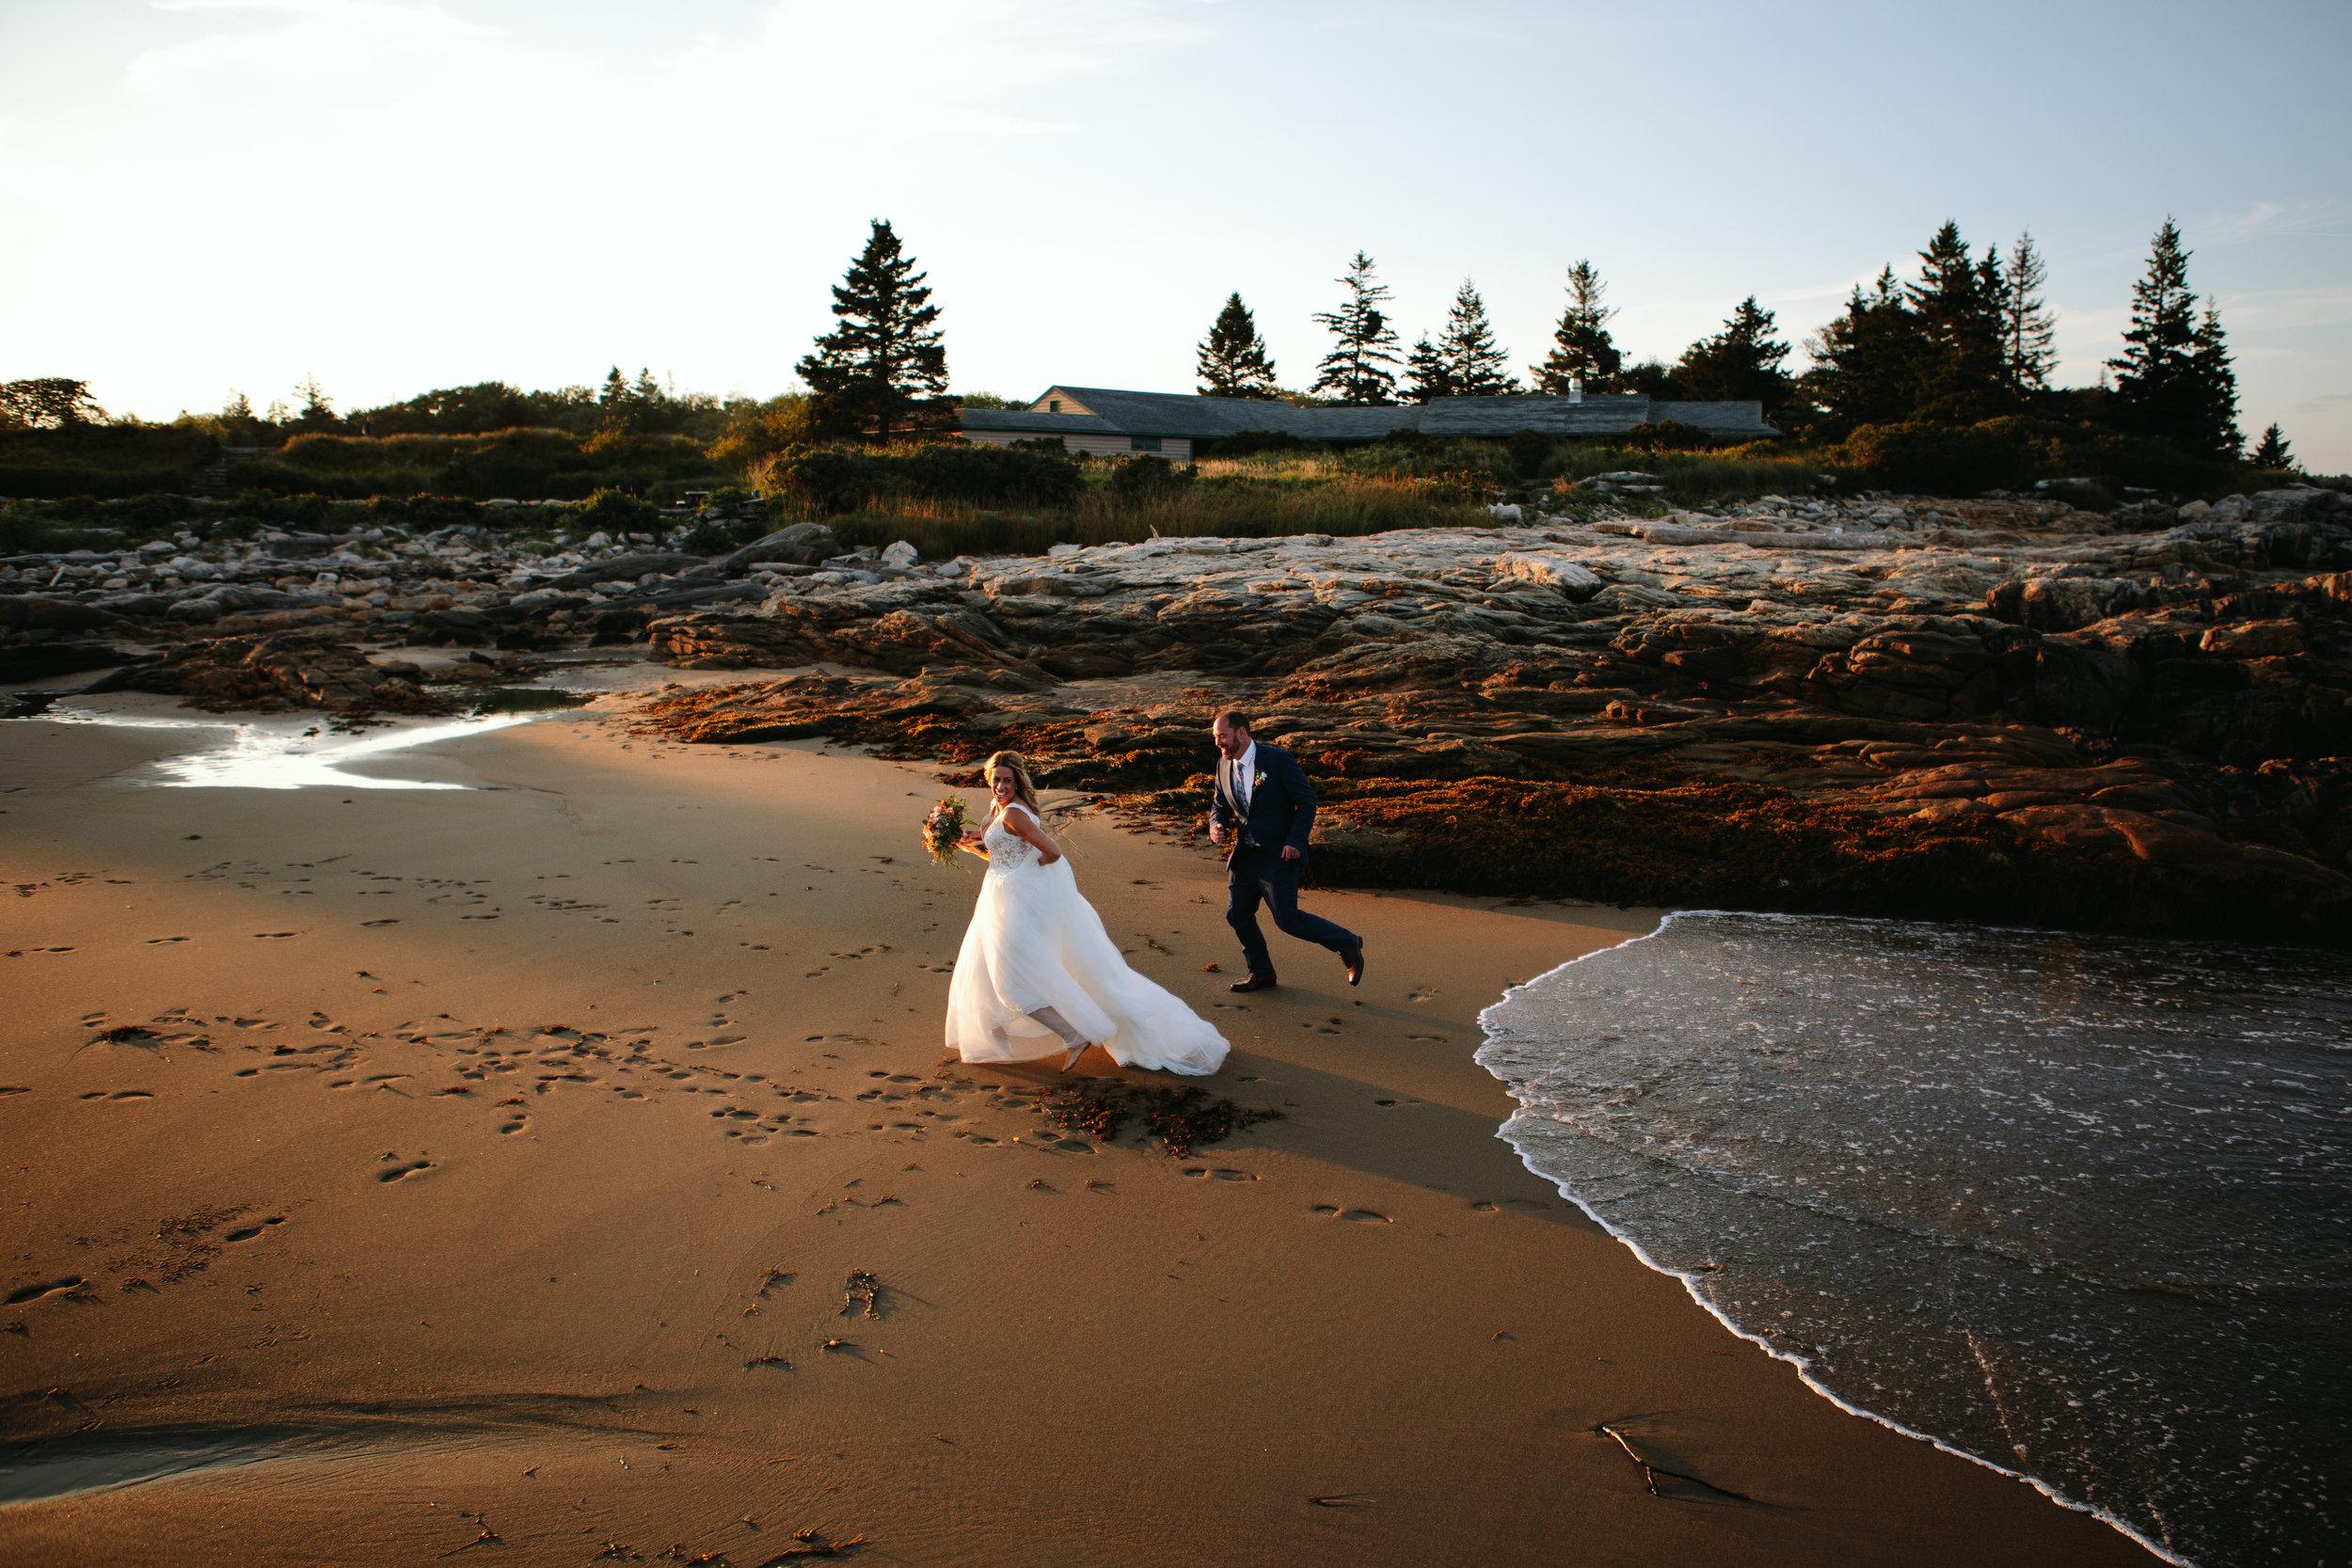 maine-coast-wedding-portraits-reid-state-park-39.jpg